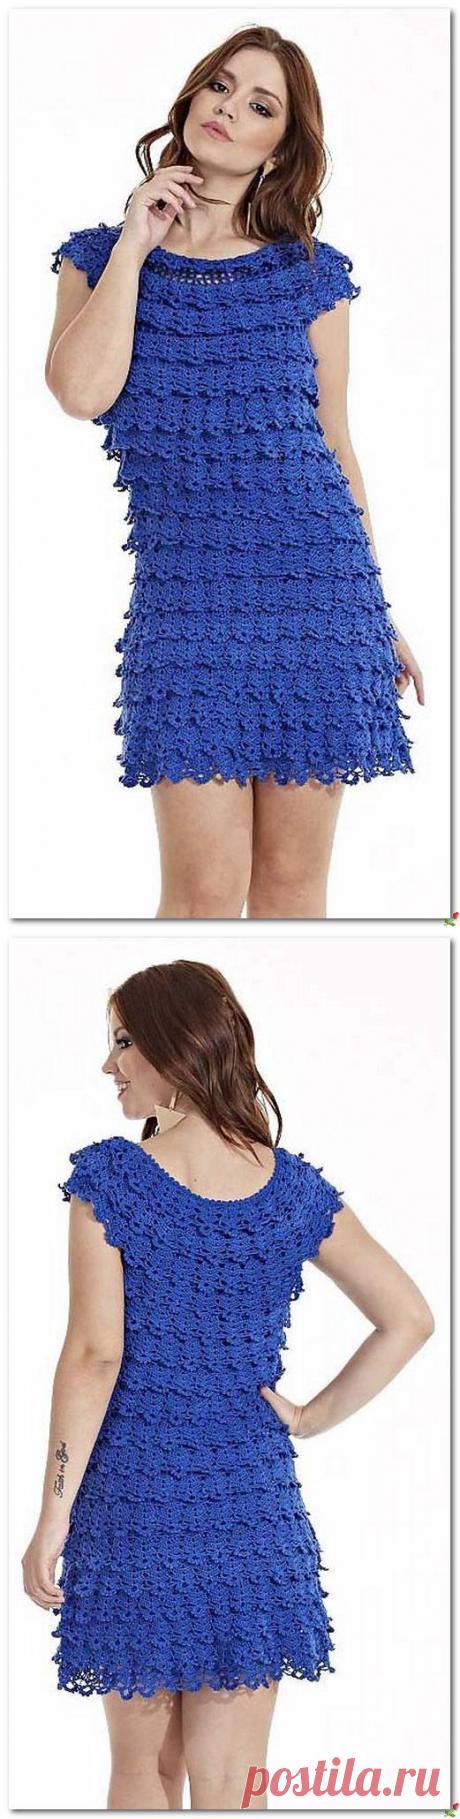 Короткое синее платье с узором на сеточке.